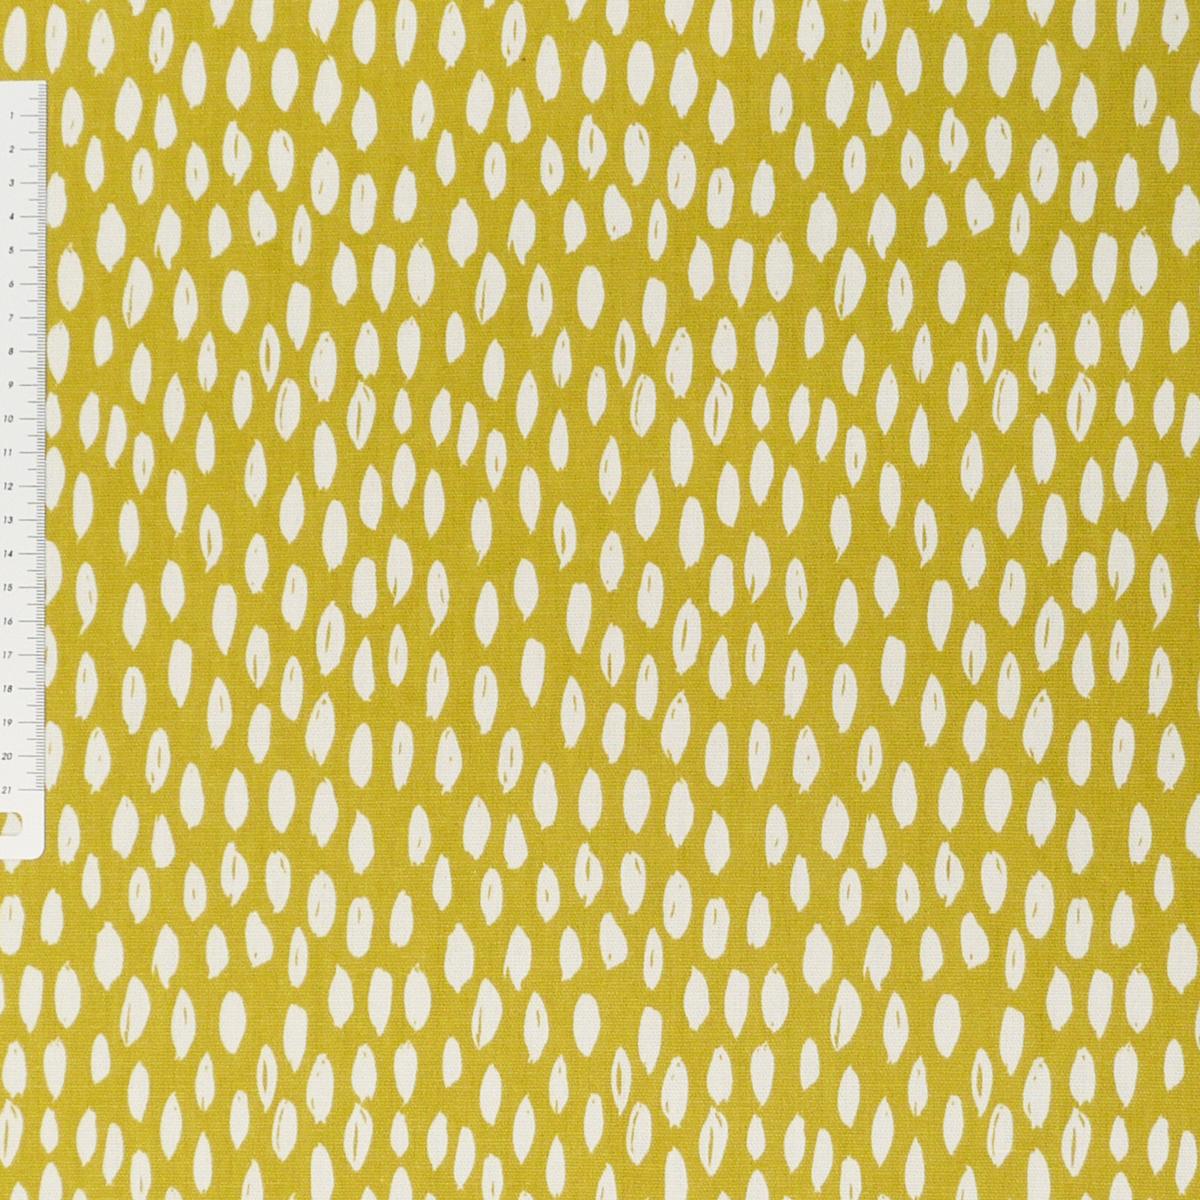 Dekostoff Bayside Honeydew ocker gelb weiß 137cm